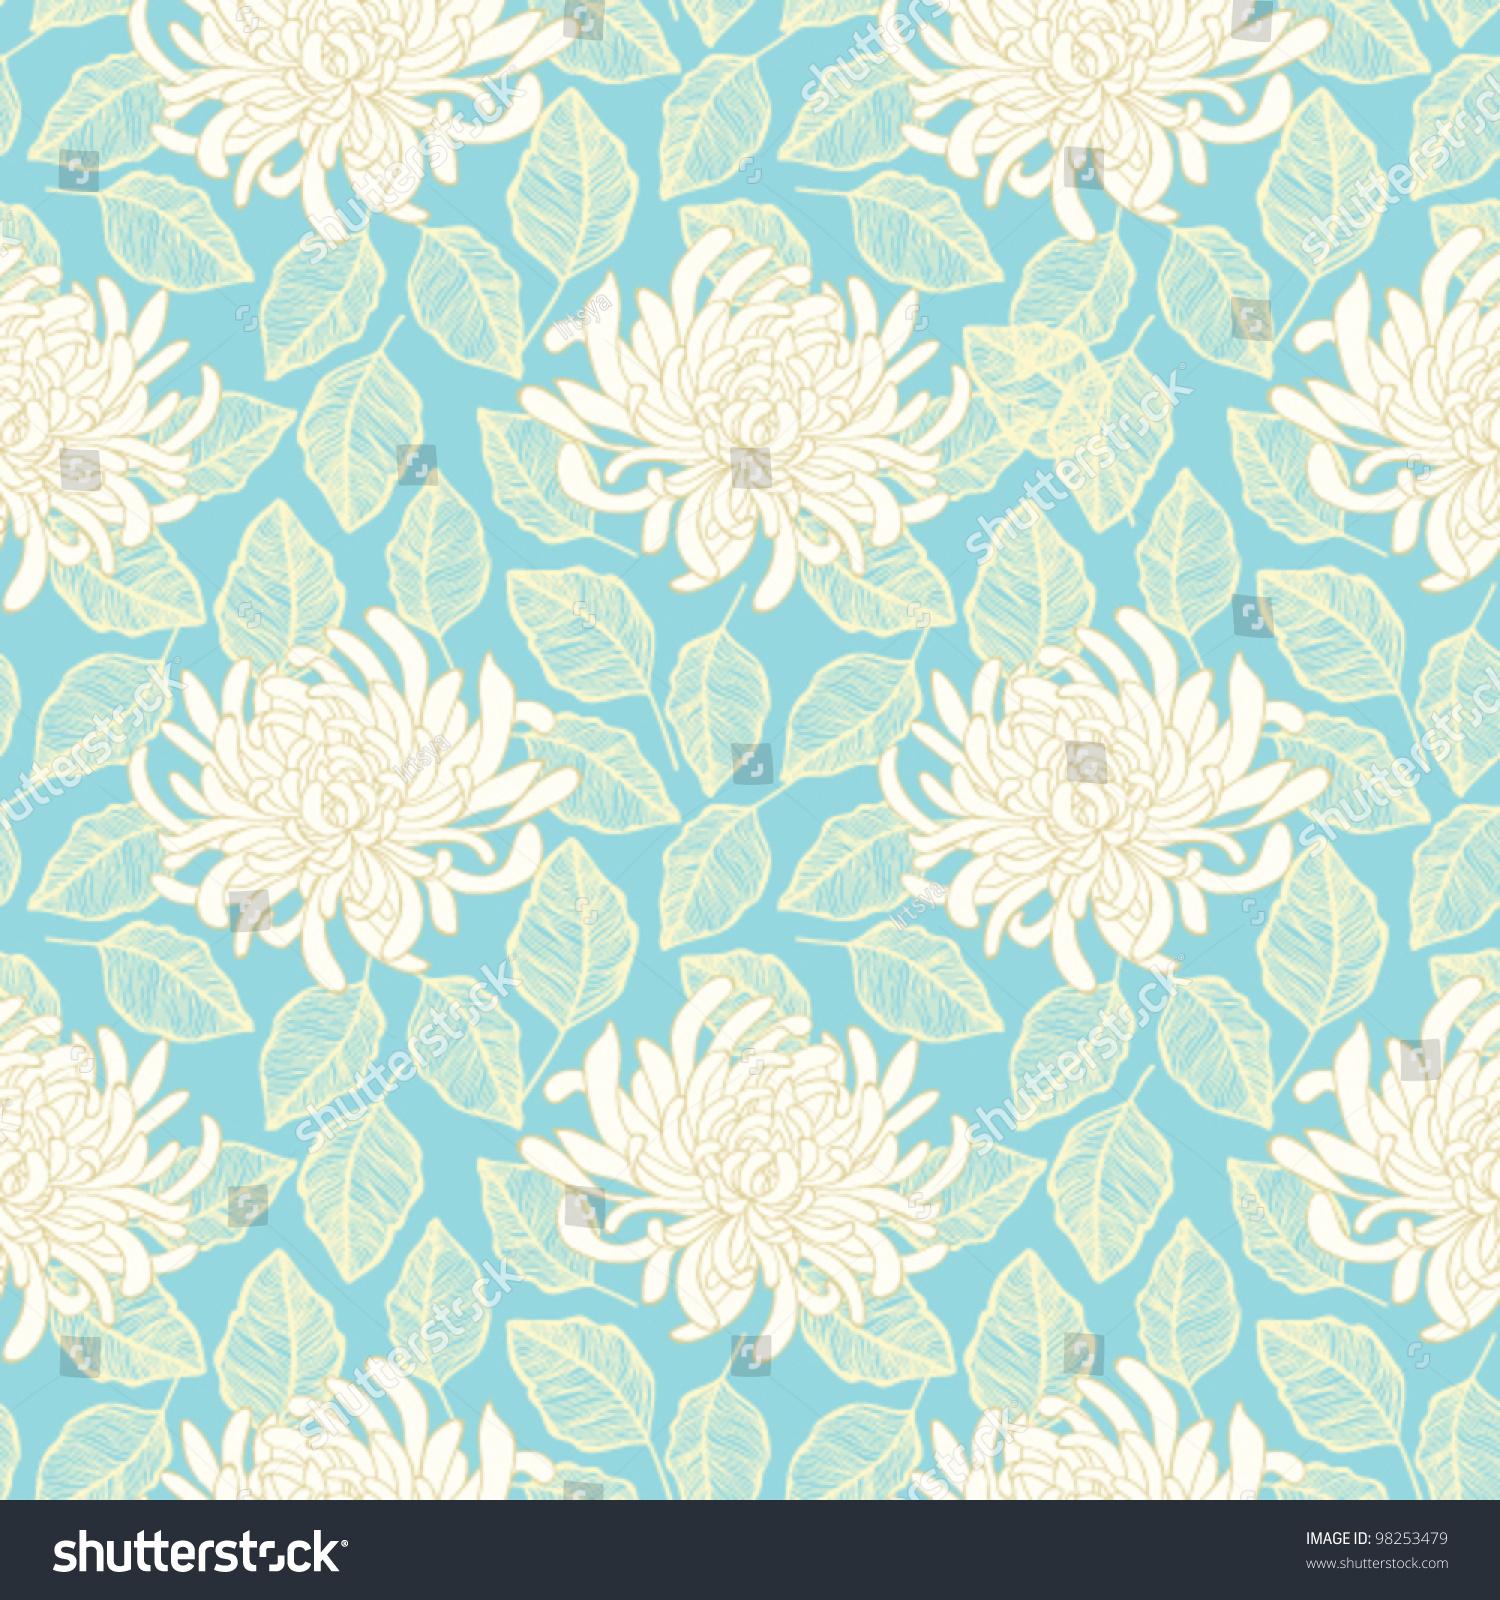 Pink floral seamless vector background floral hrysanthemum seamless - Seamless Vector Chrysanthemum Flower Pattern Floral Wallpaper Design